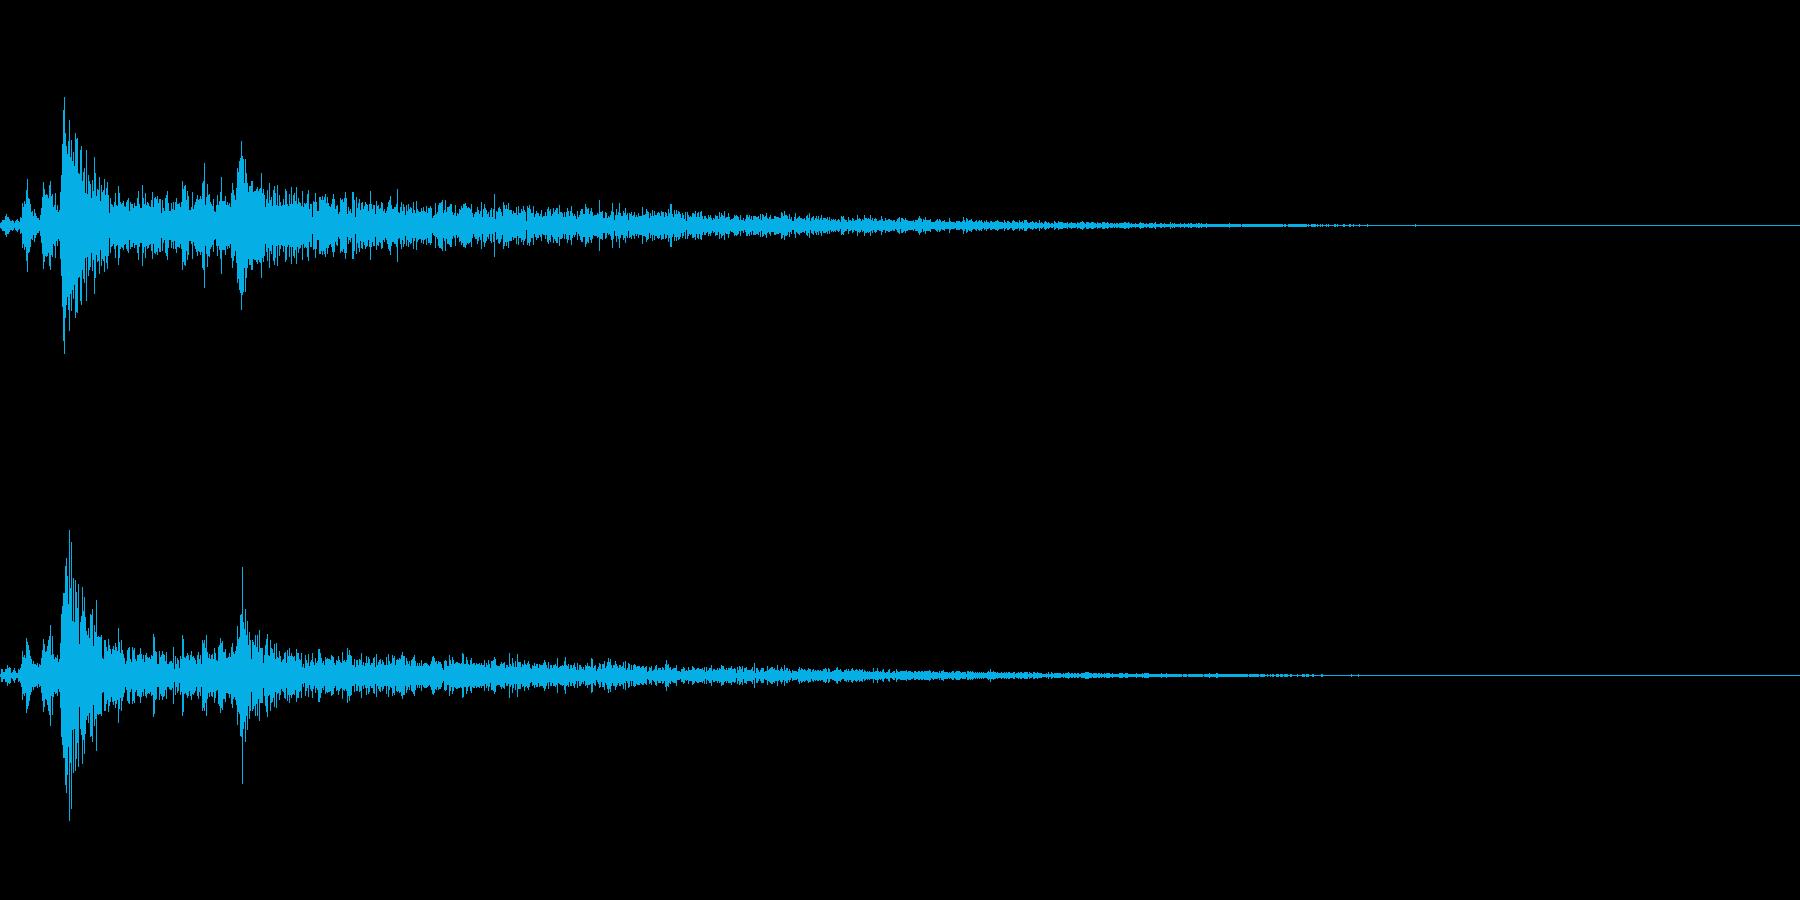 ライトイン(照明がつく音)の再生済みの波形